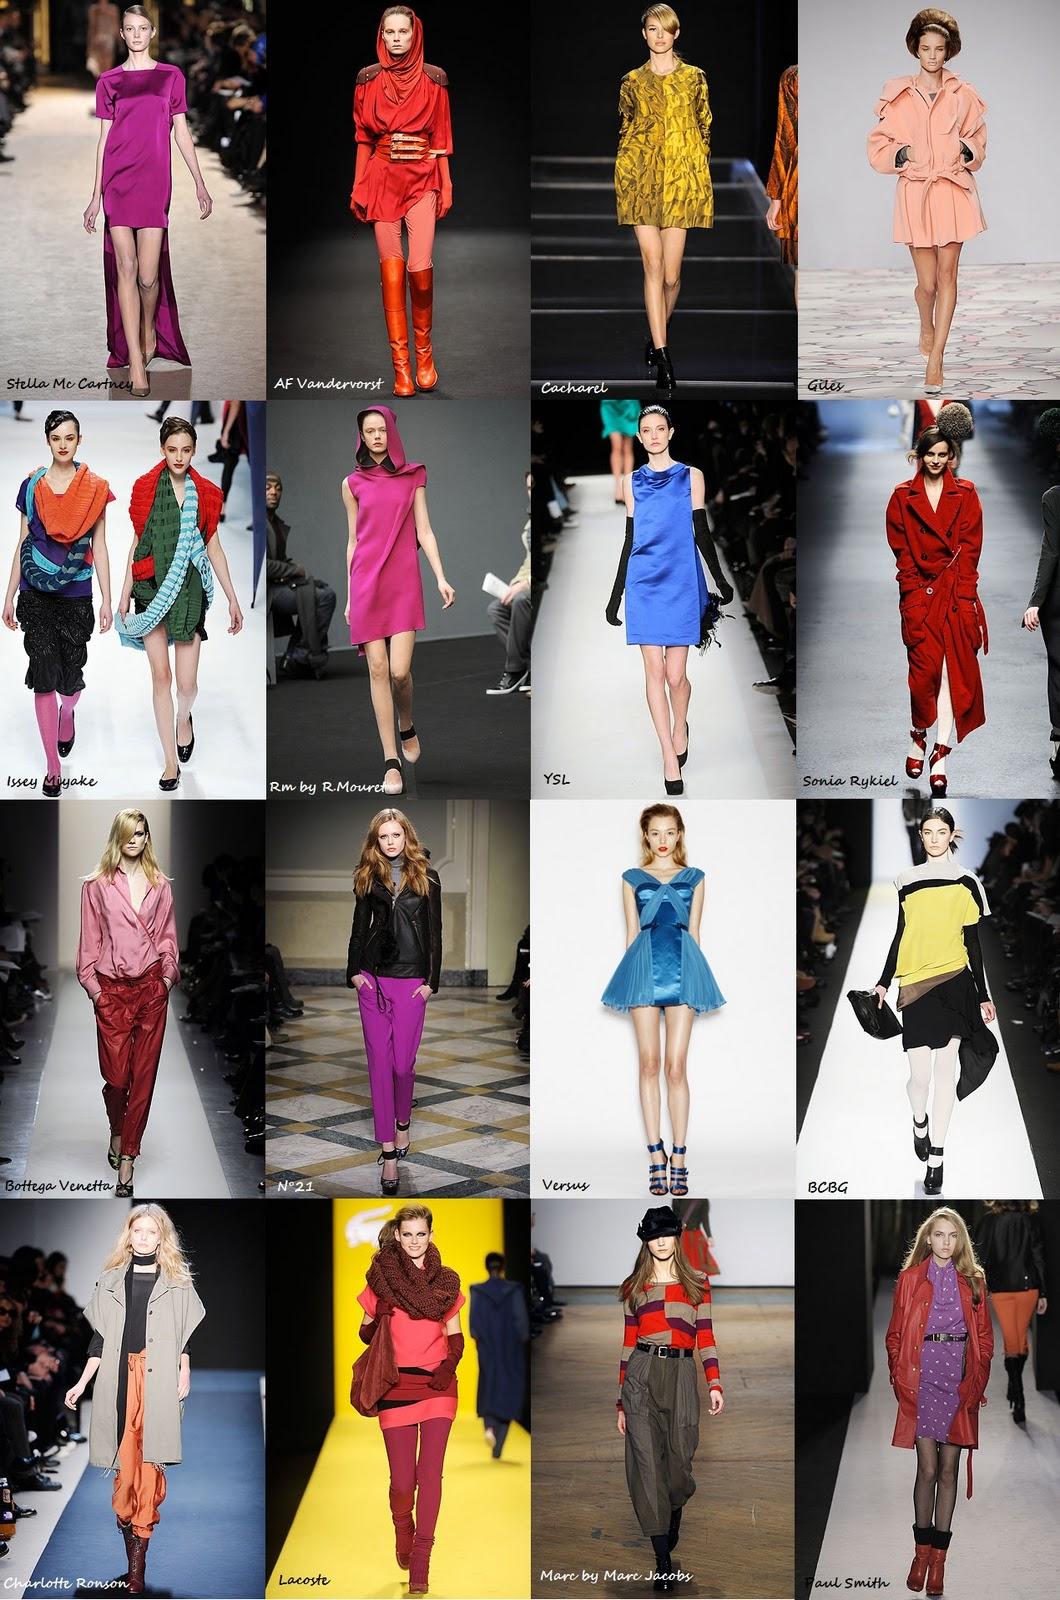 http://3.bp.blogspot.com/_Ed1Xw8le7p4/S9SLRb5ey9I/AAAAAAAAD58/73rC9ZZq3YU/s1600/Best+colors.jpg